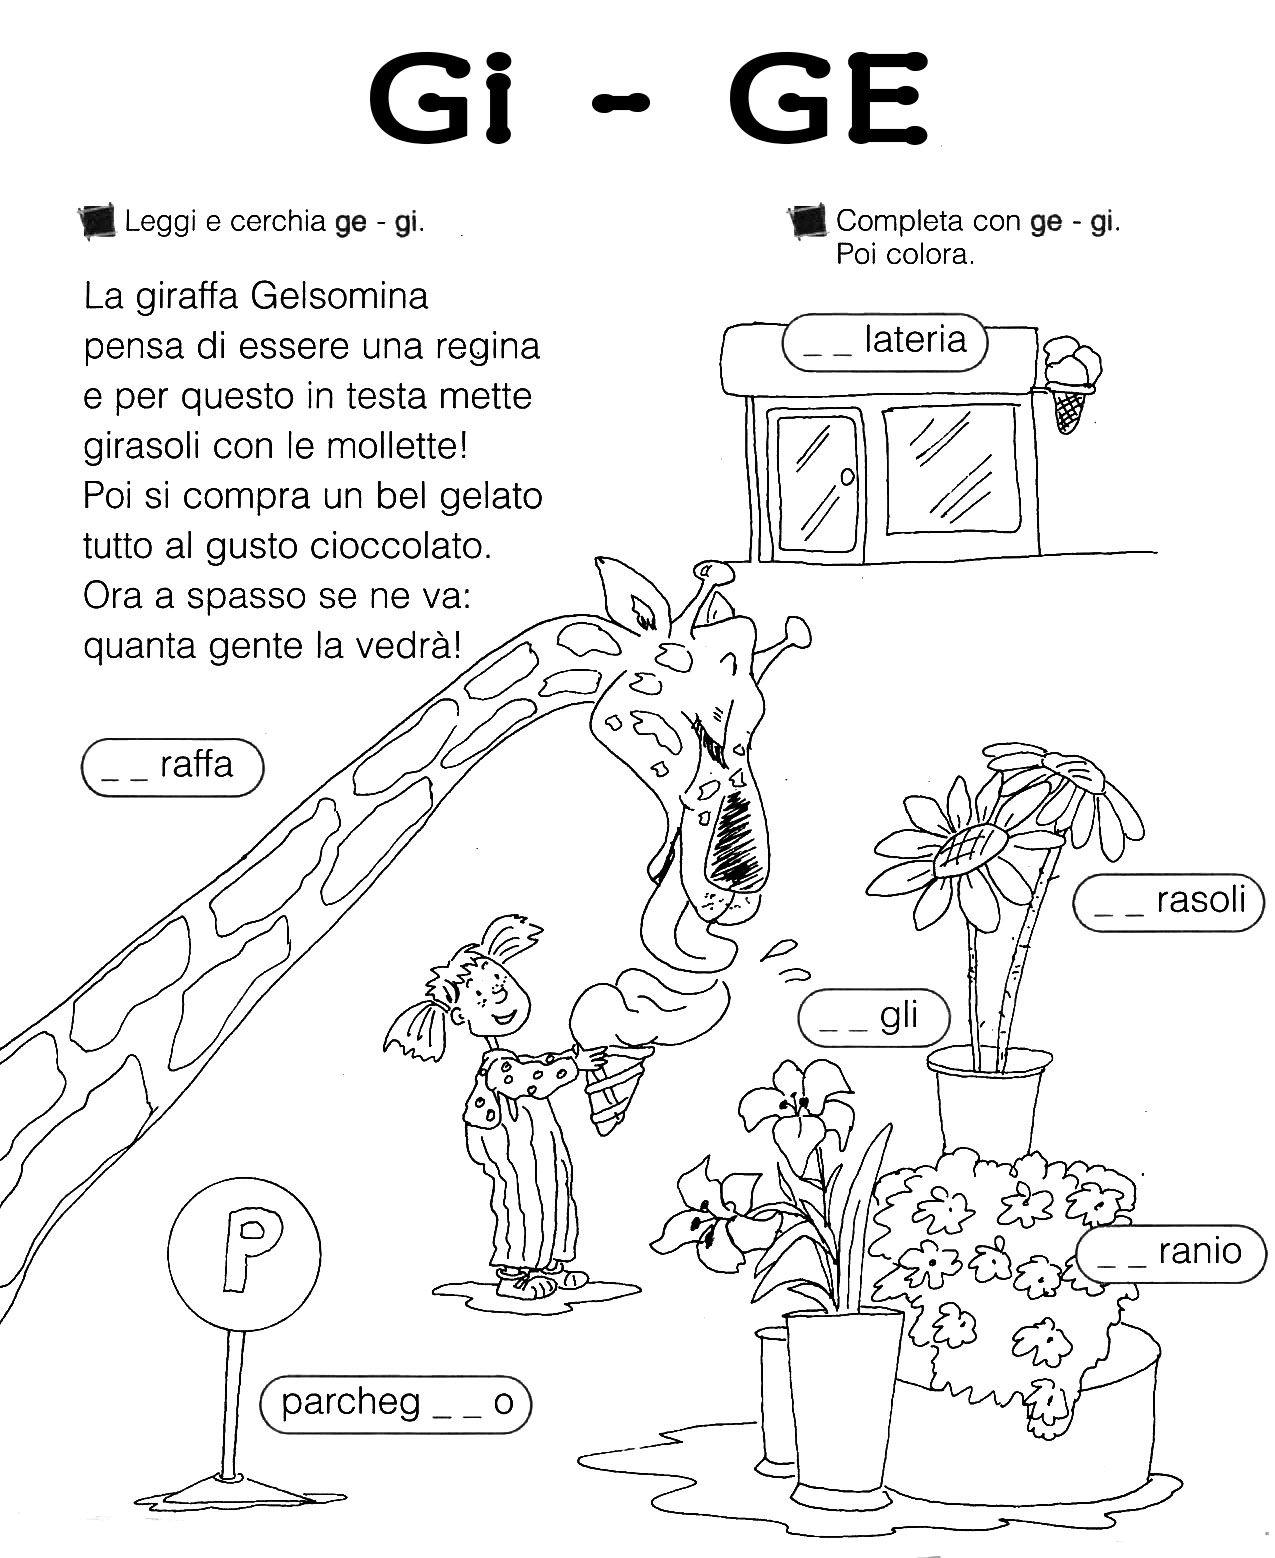 Gi ge so tutto ed cetem schede didattiche italia lingua italiana e grammatica for Parole con gi